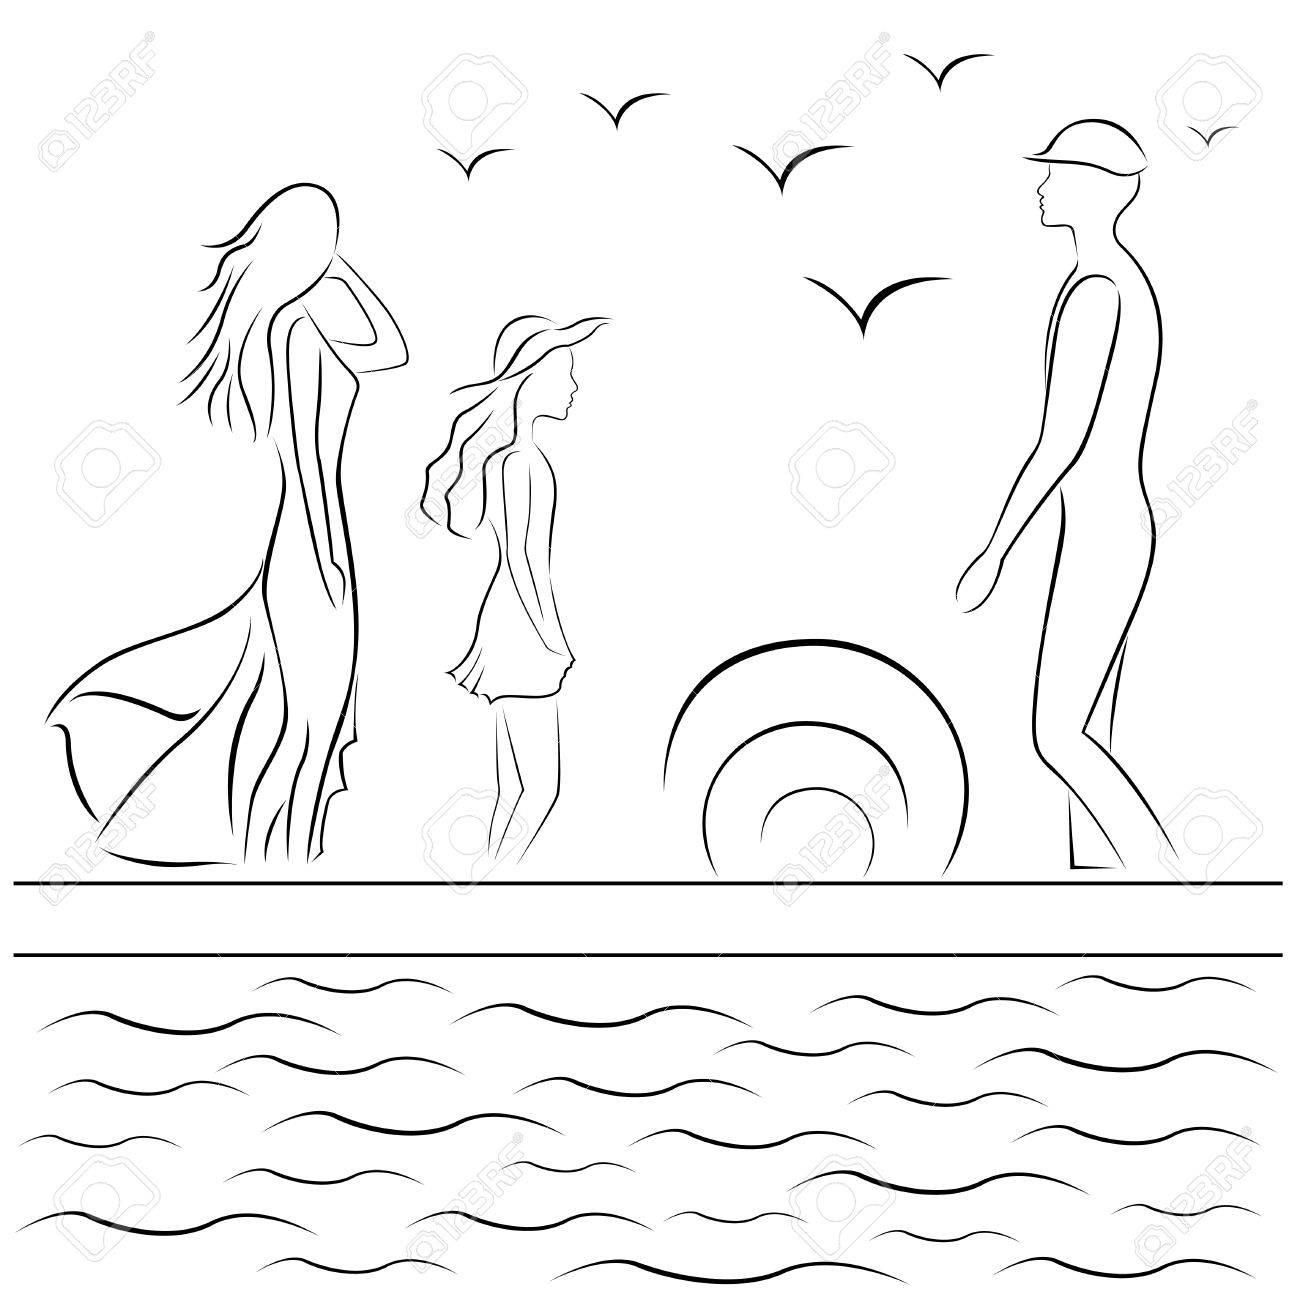 famille au quai de la mer au coucher du soleil dessin a la main en noir et blanc illustration vectorielle